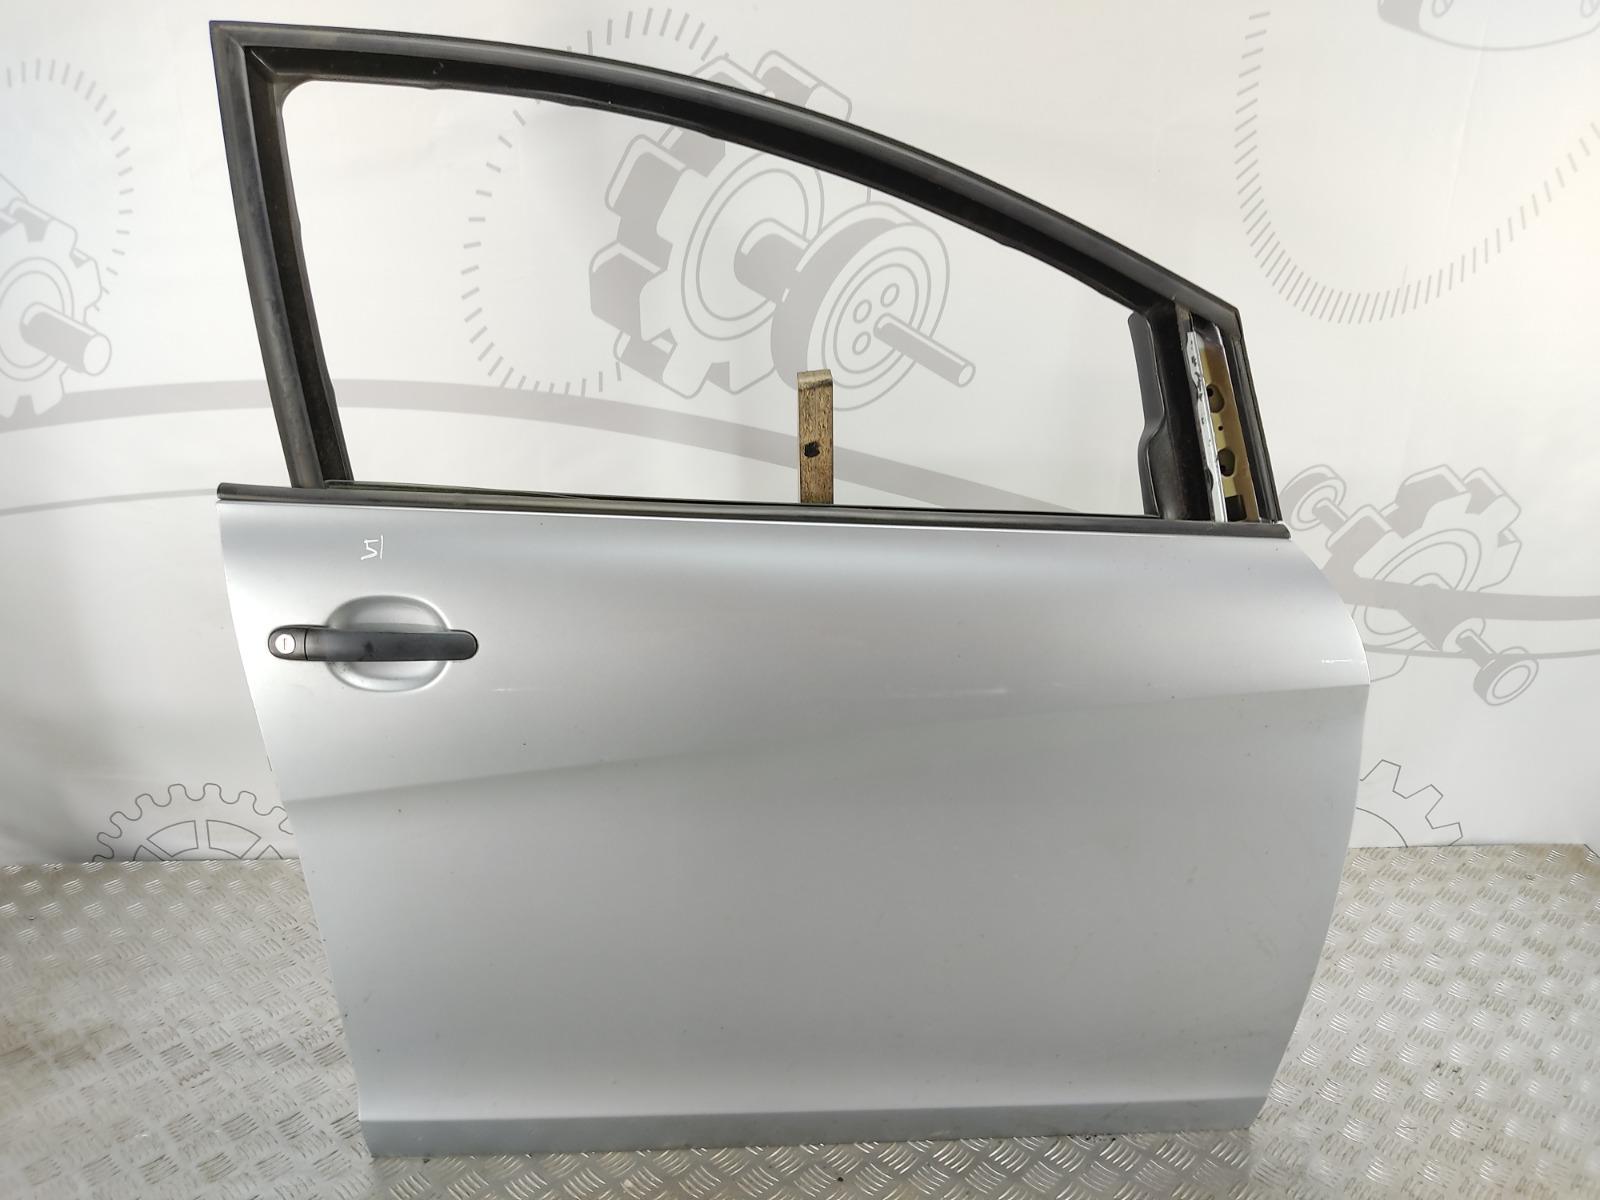 Дверь передняя правая Seat Altea 1.9 TDI 2008 (б/у)